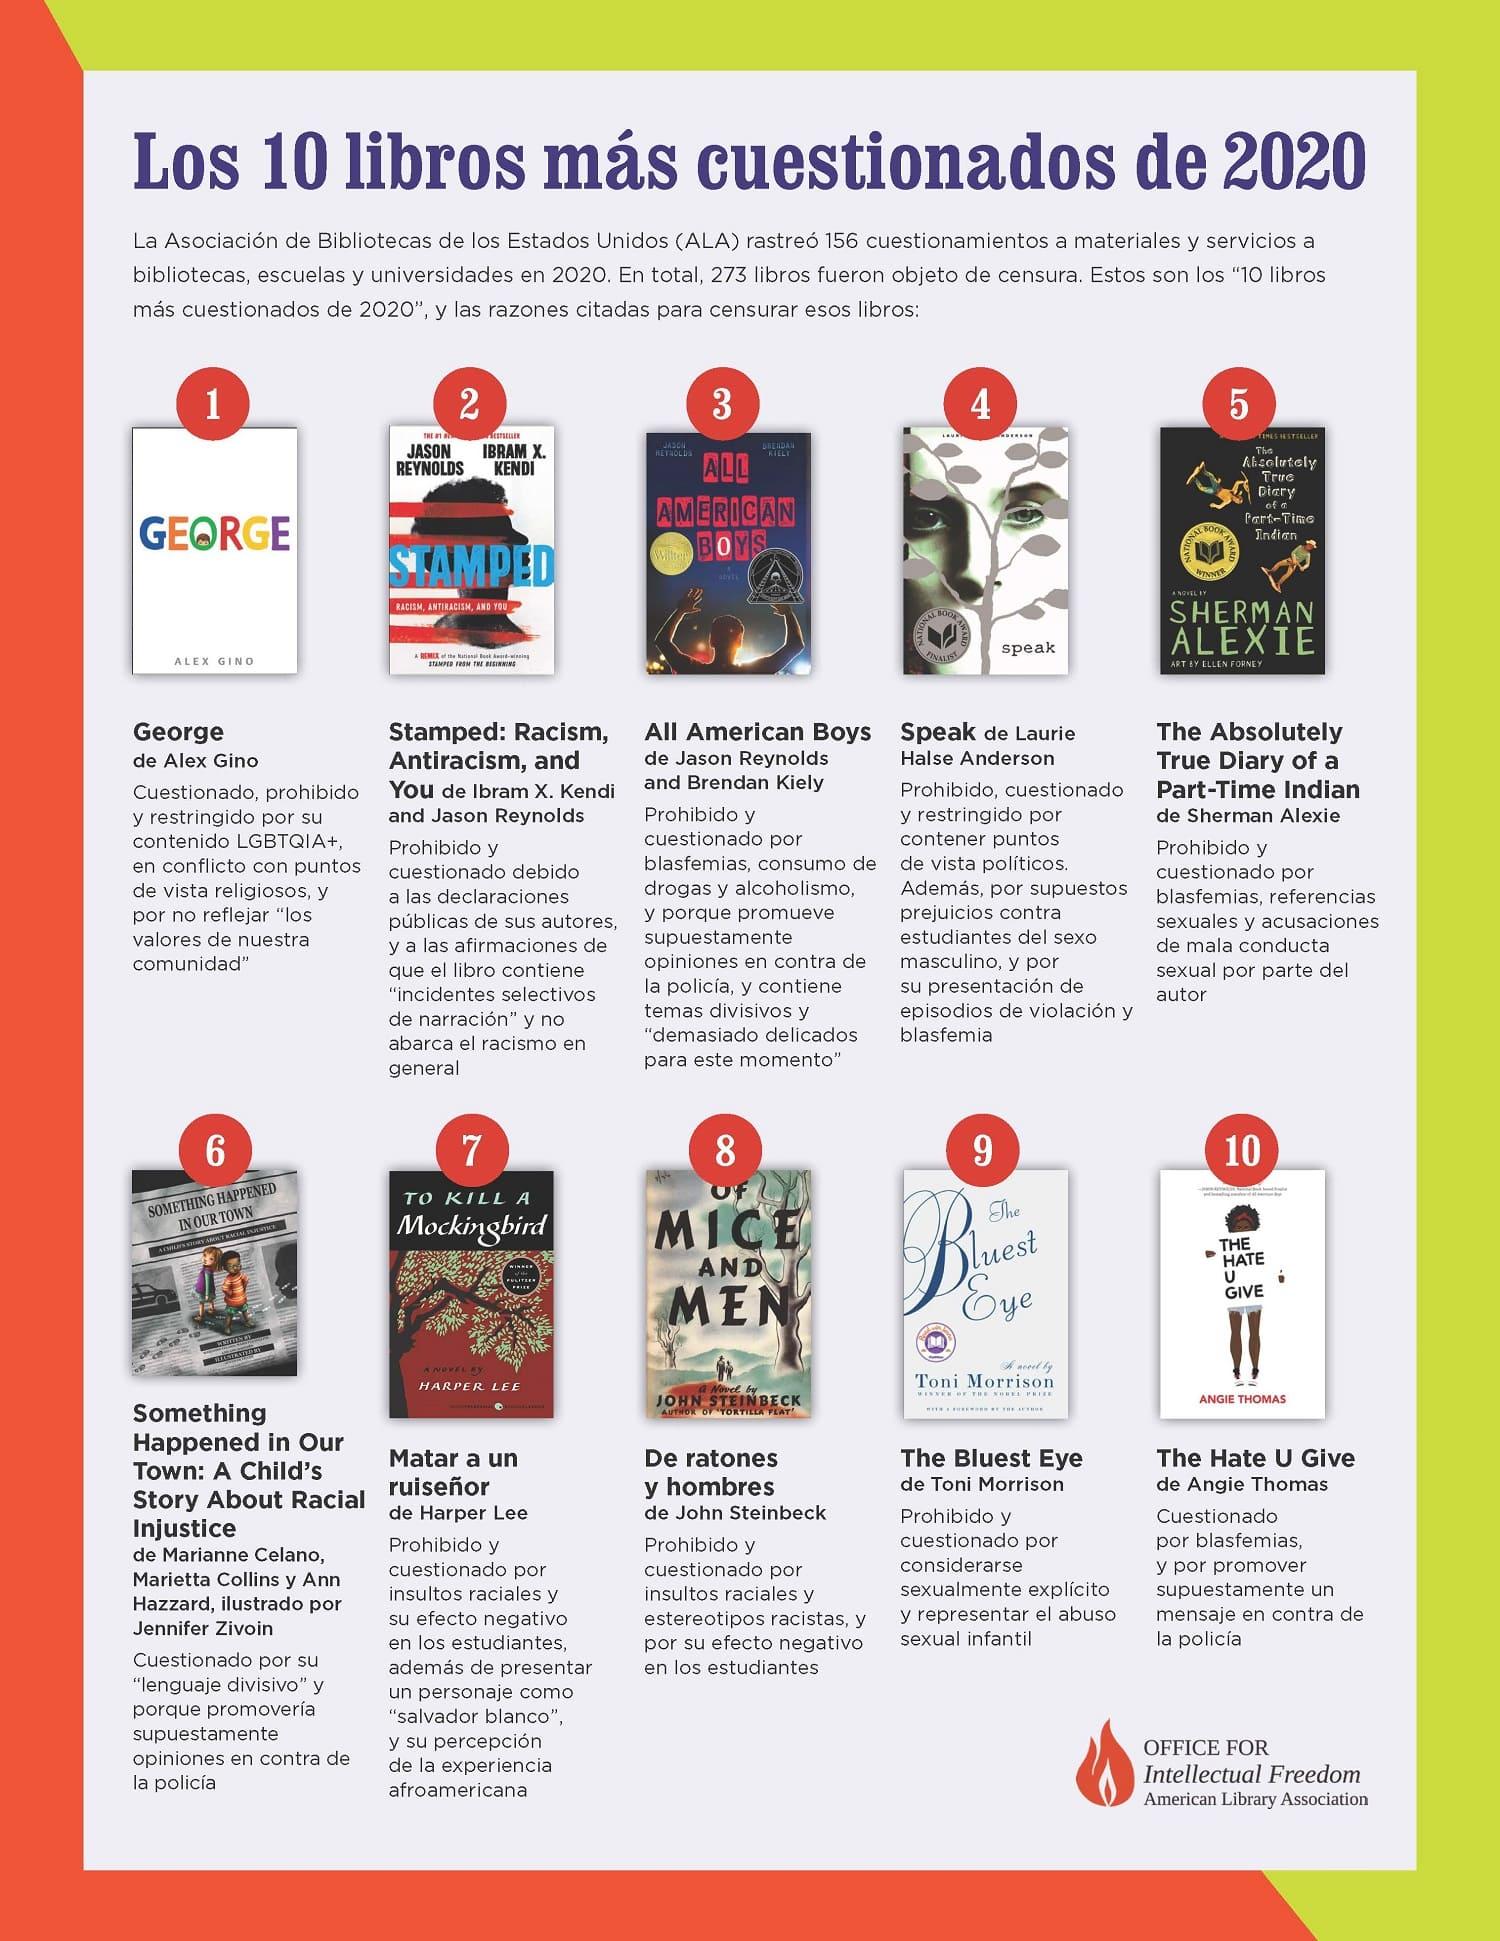 Los 10 libros más cuestionados en 2020